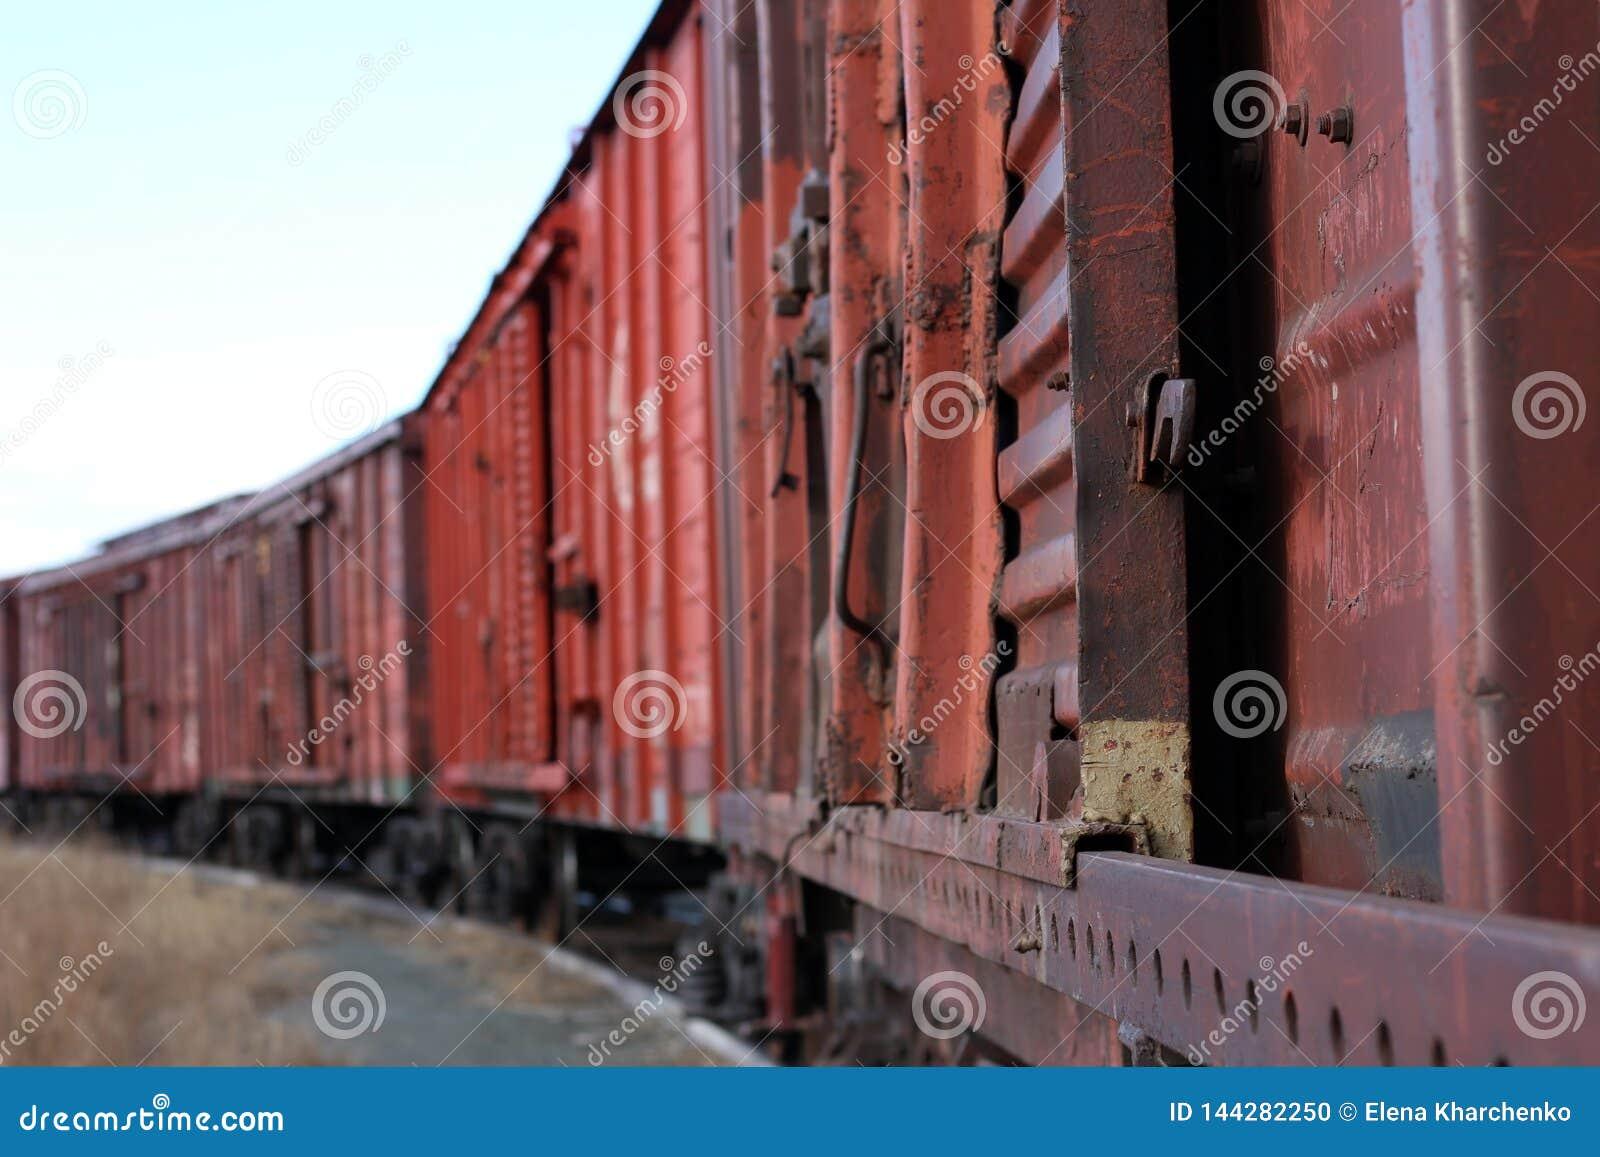 Starzy ośniedziali pociągów towarowych stojaki na poręczach